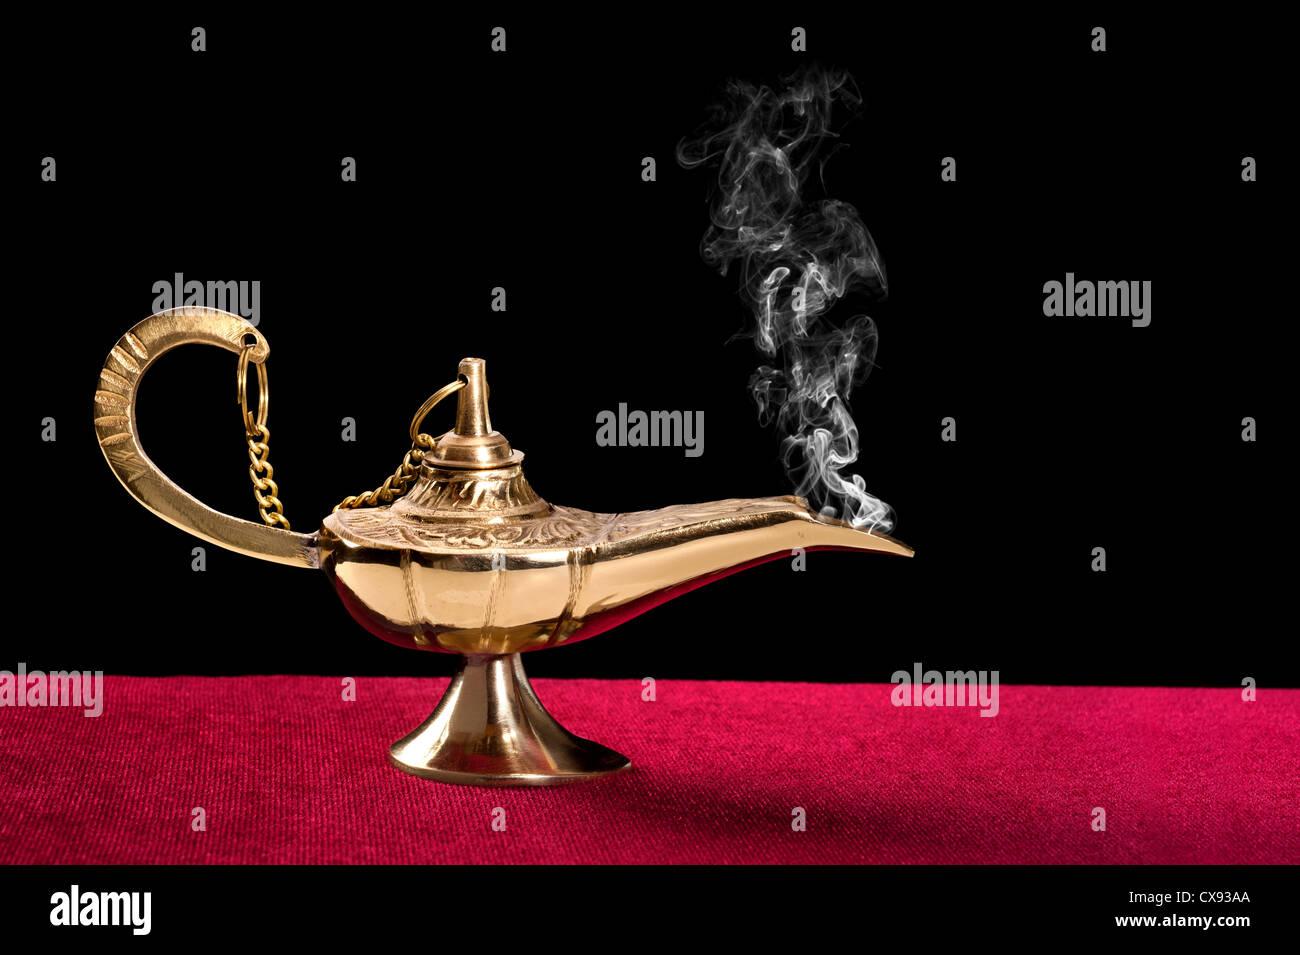 Eine uralte magische Lampe auf einem roten Filz Tischplatte verteilt einen Strom von geheimnisvollen Rauch. Stockbild